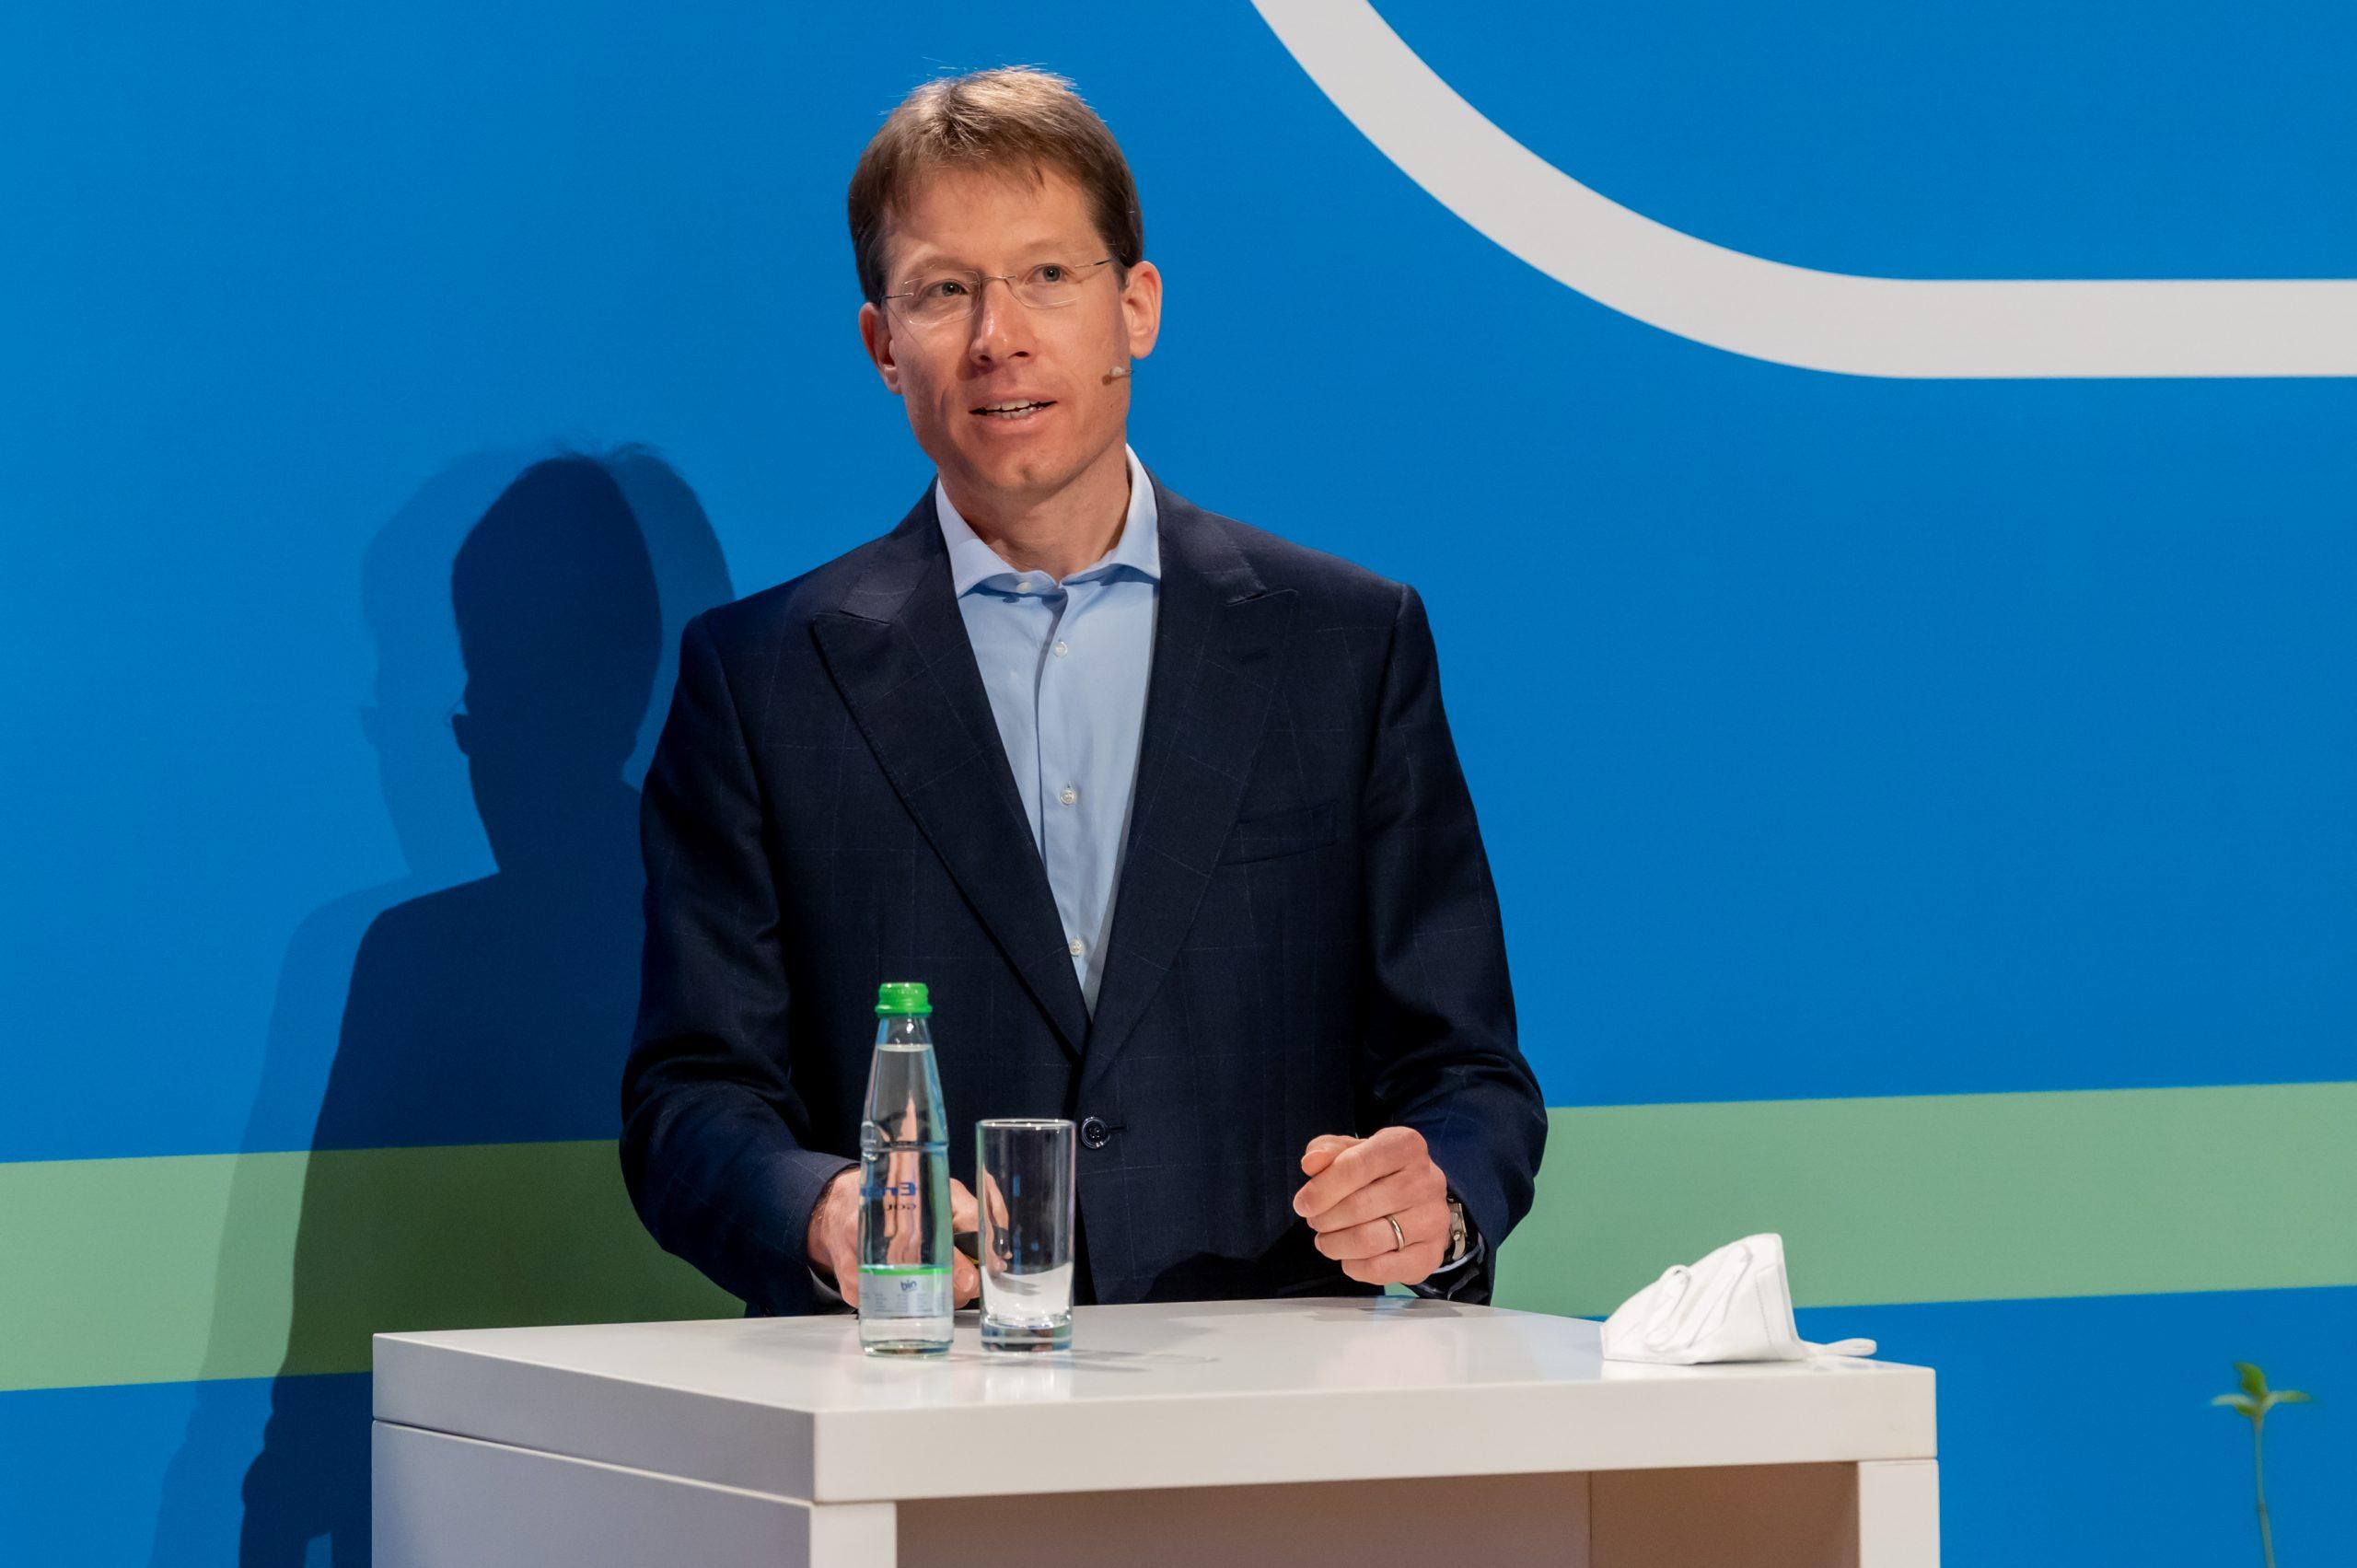 Frühlingstalk zu Lieferketten, Martin Schwarz